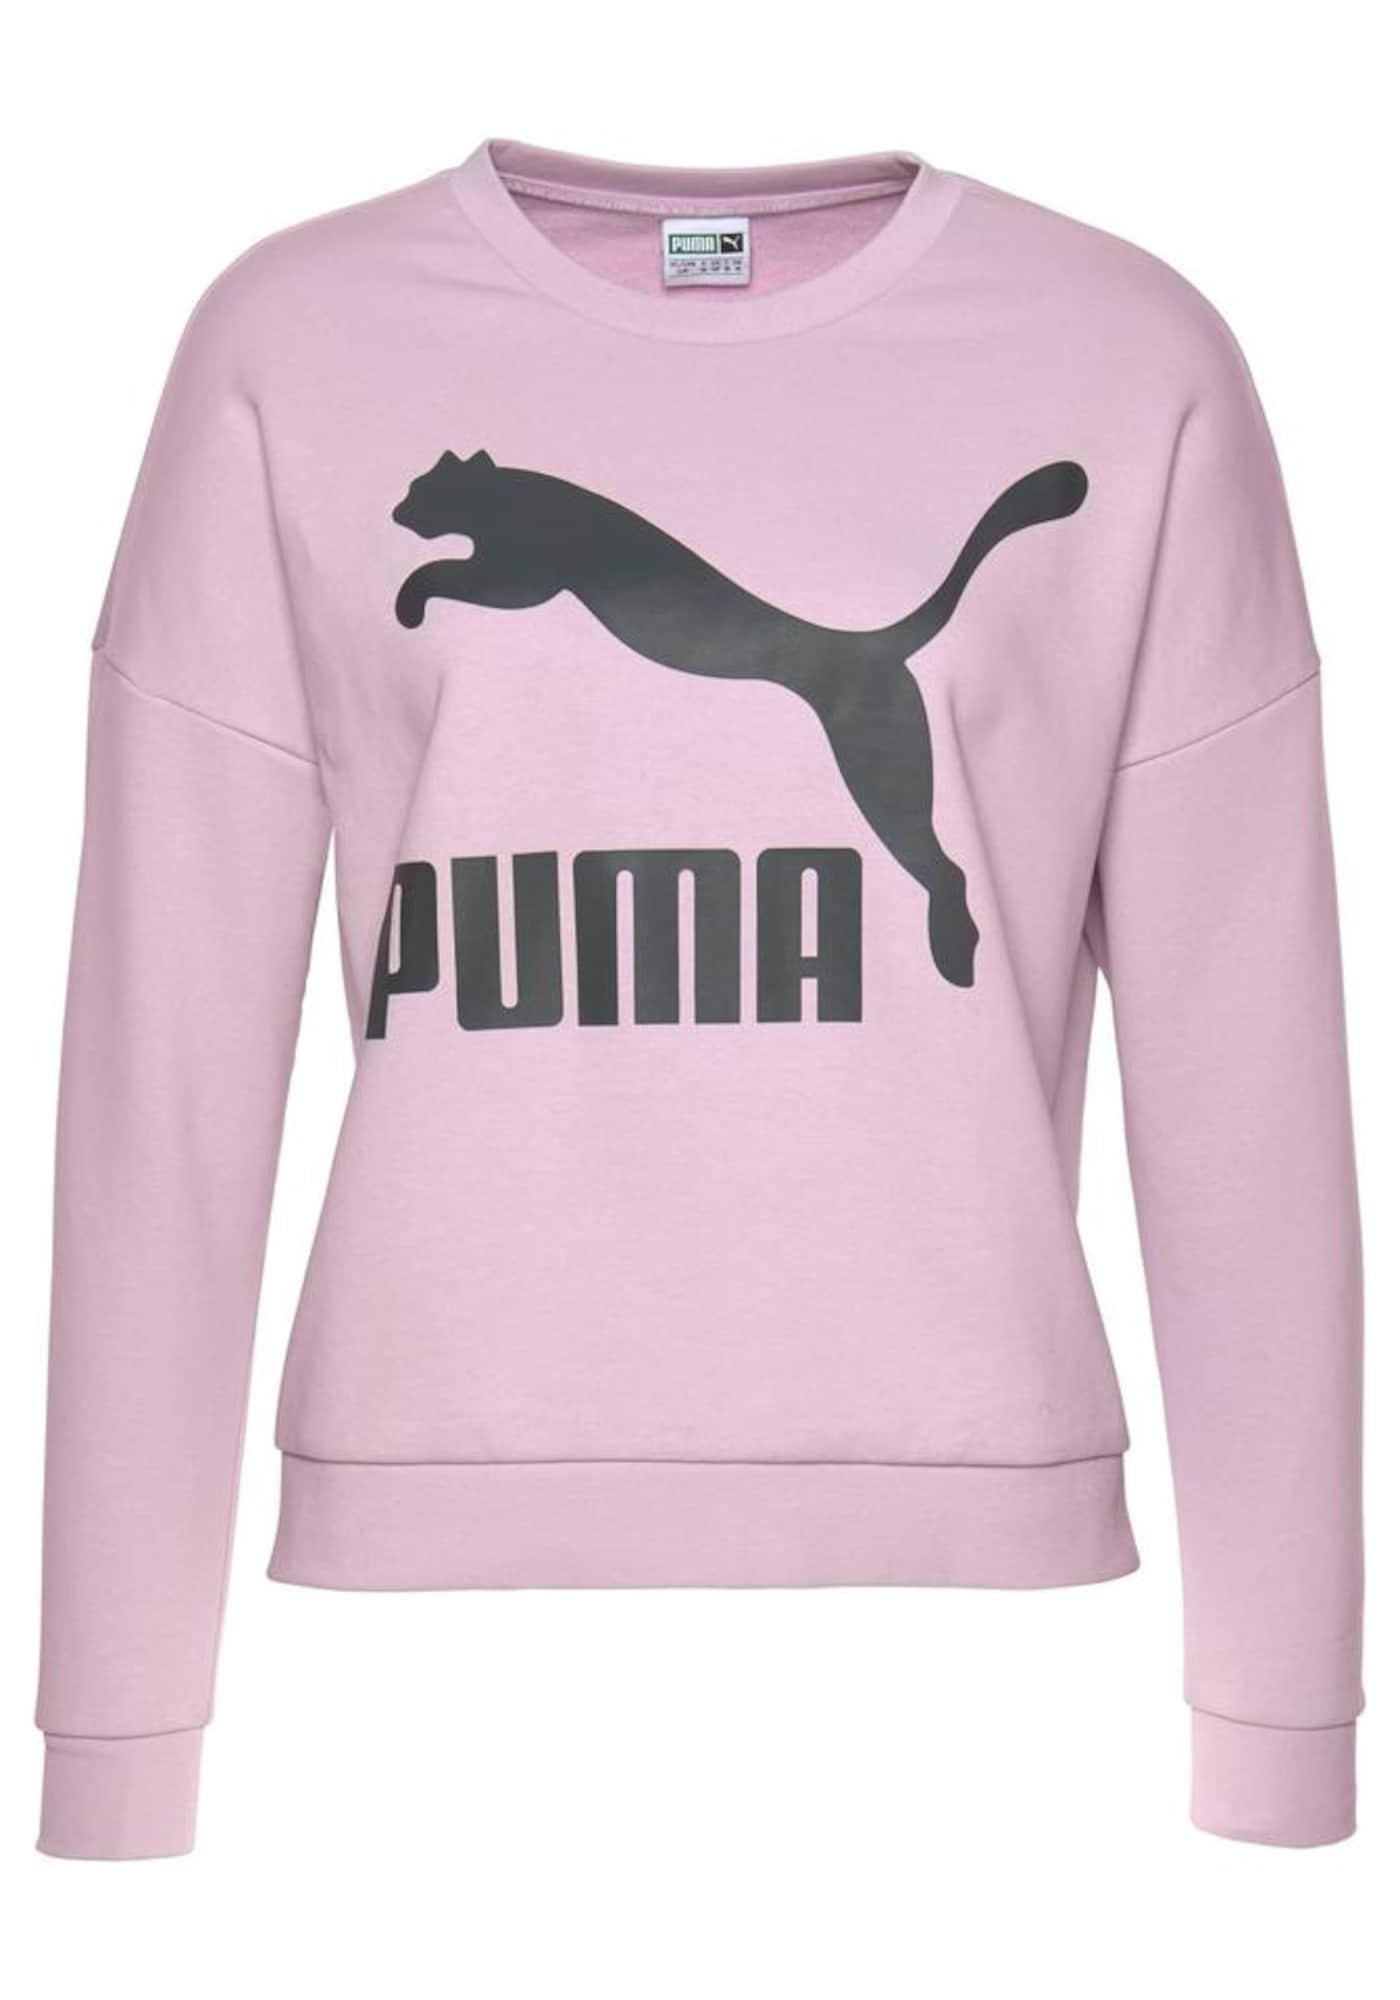 PUMA, Dames Sweatshirt, lichtlila / zwart